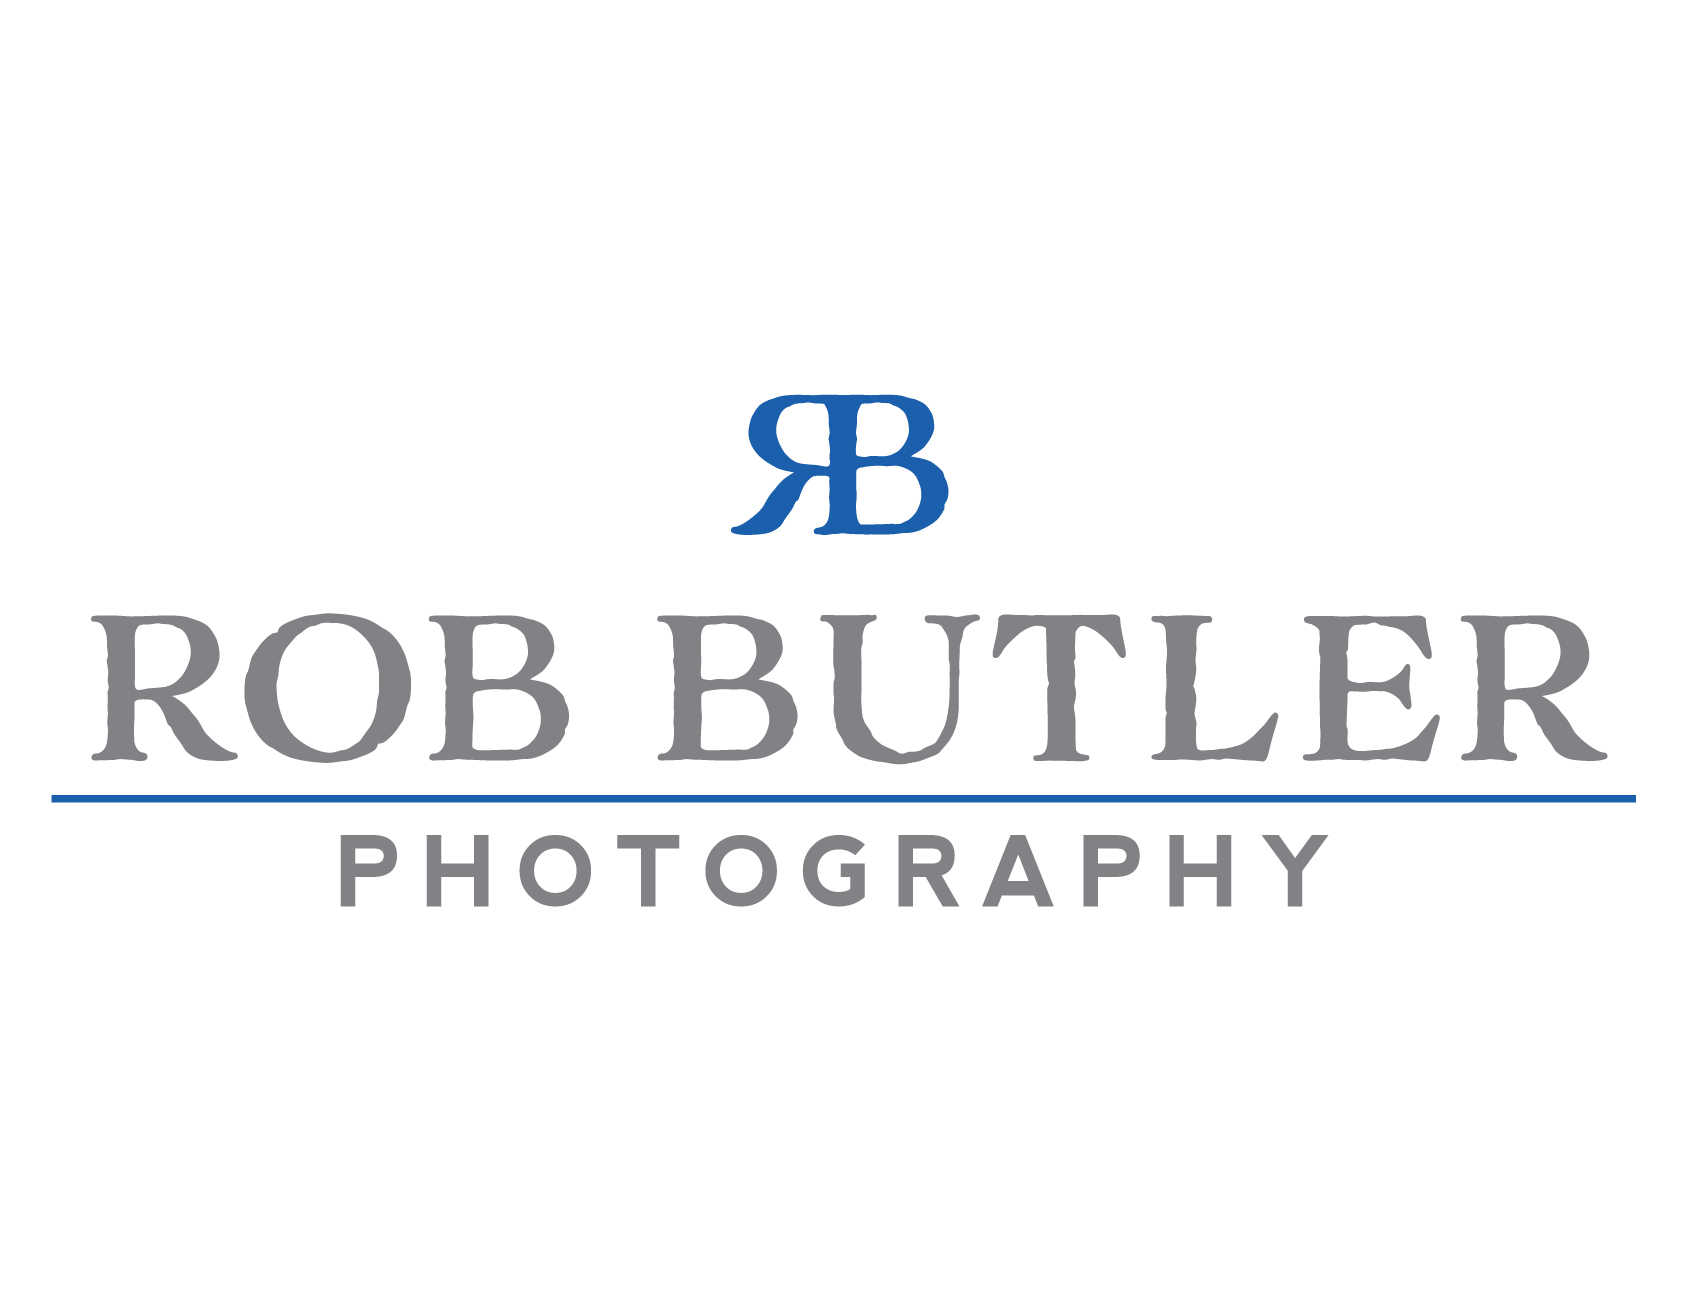 Rob Butler Photography